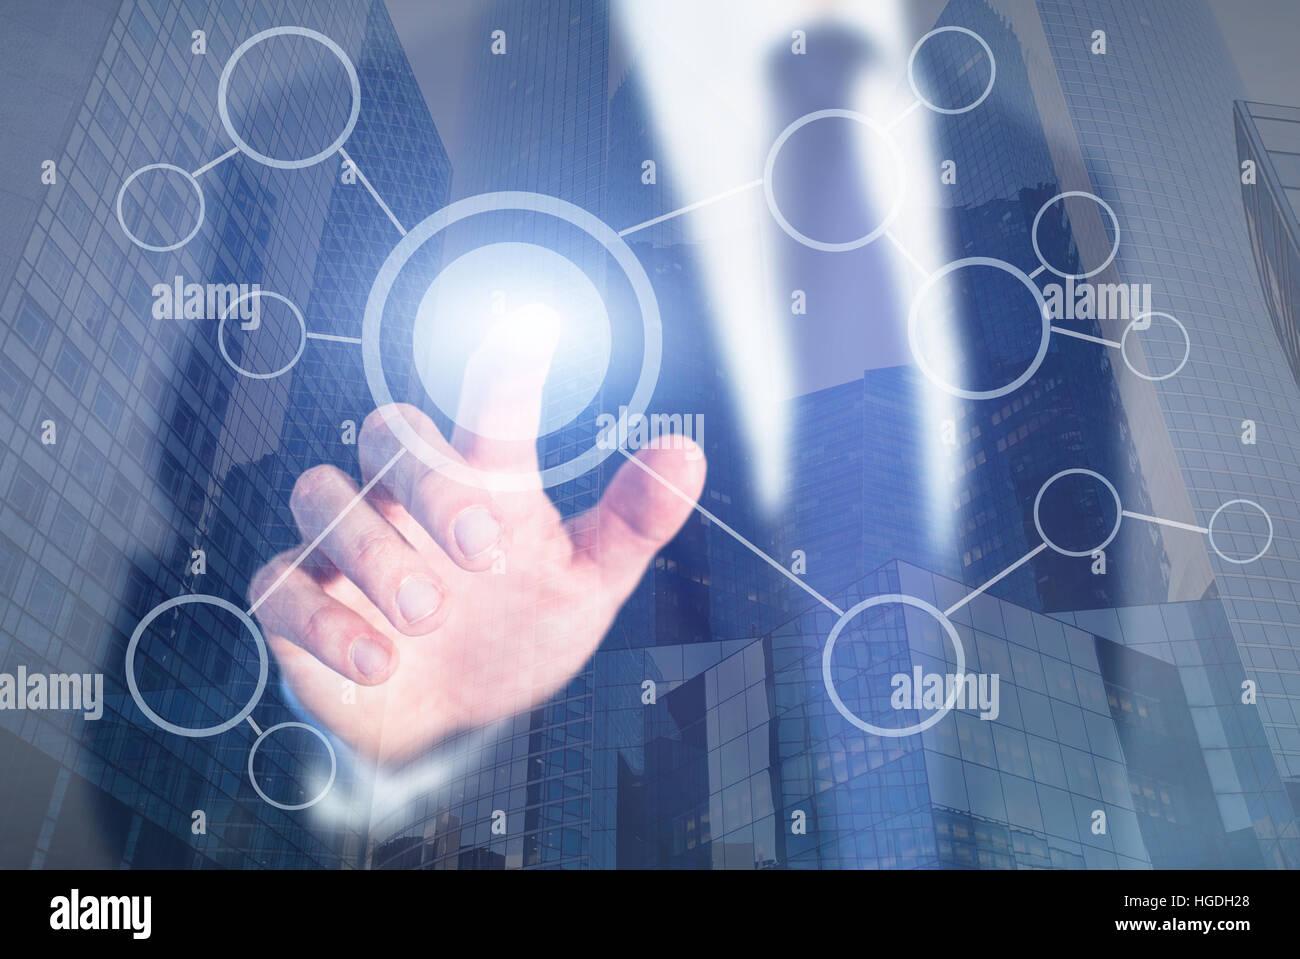 Diagramme sur l'écran tactile, abstrait ou processus d'entreprise concept objectif Photo Stock